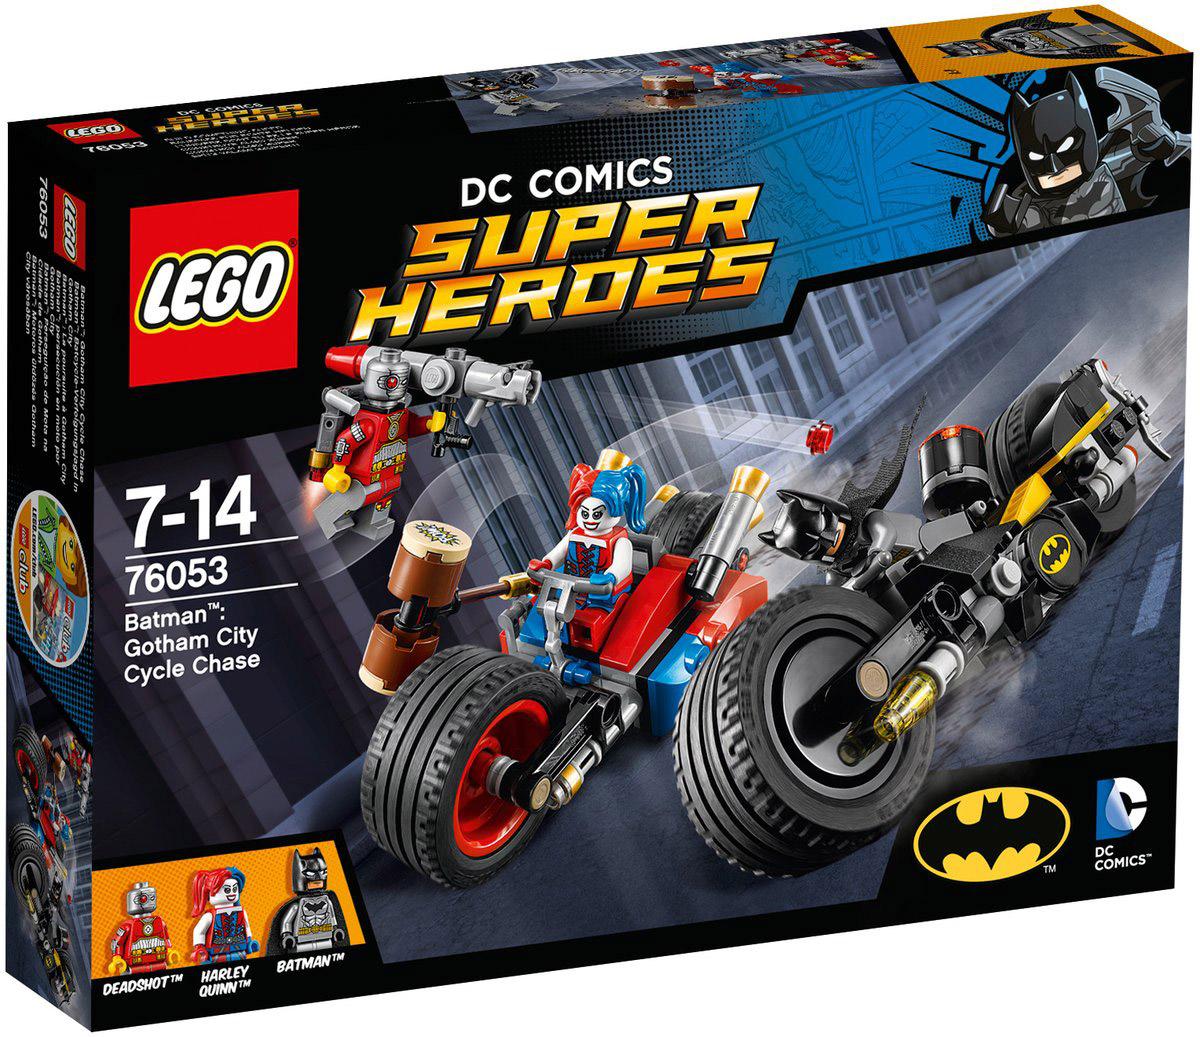 LEGO Super Heroes Конструктор Бэтмен Погоня на мотоциклах по Готэм-сити 76053 полет на реактивном ранце с компанией flyboard moscow скидка до 41